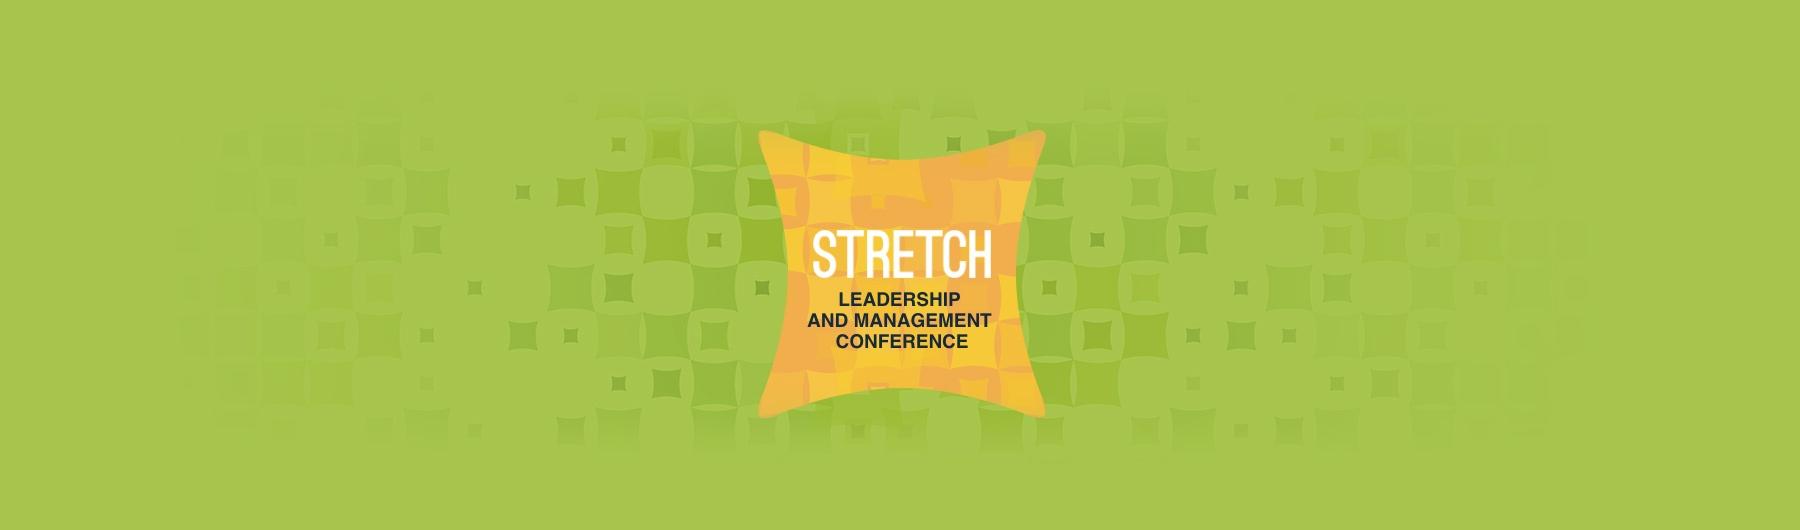 Stretch conf